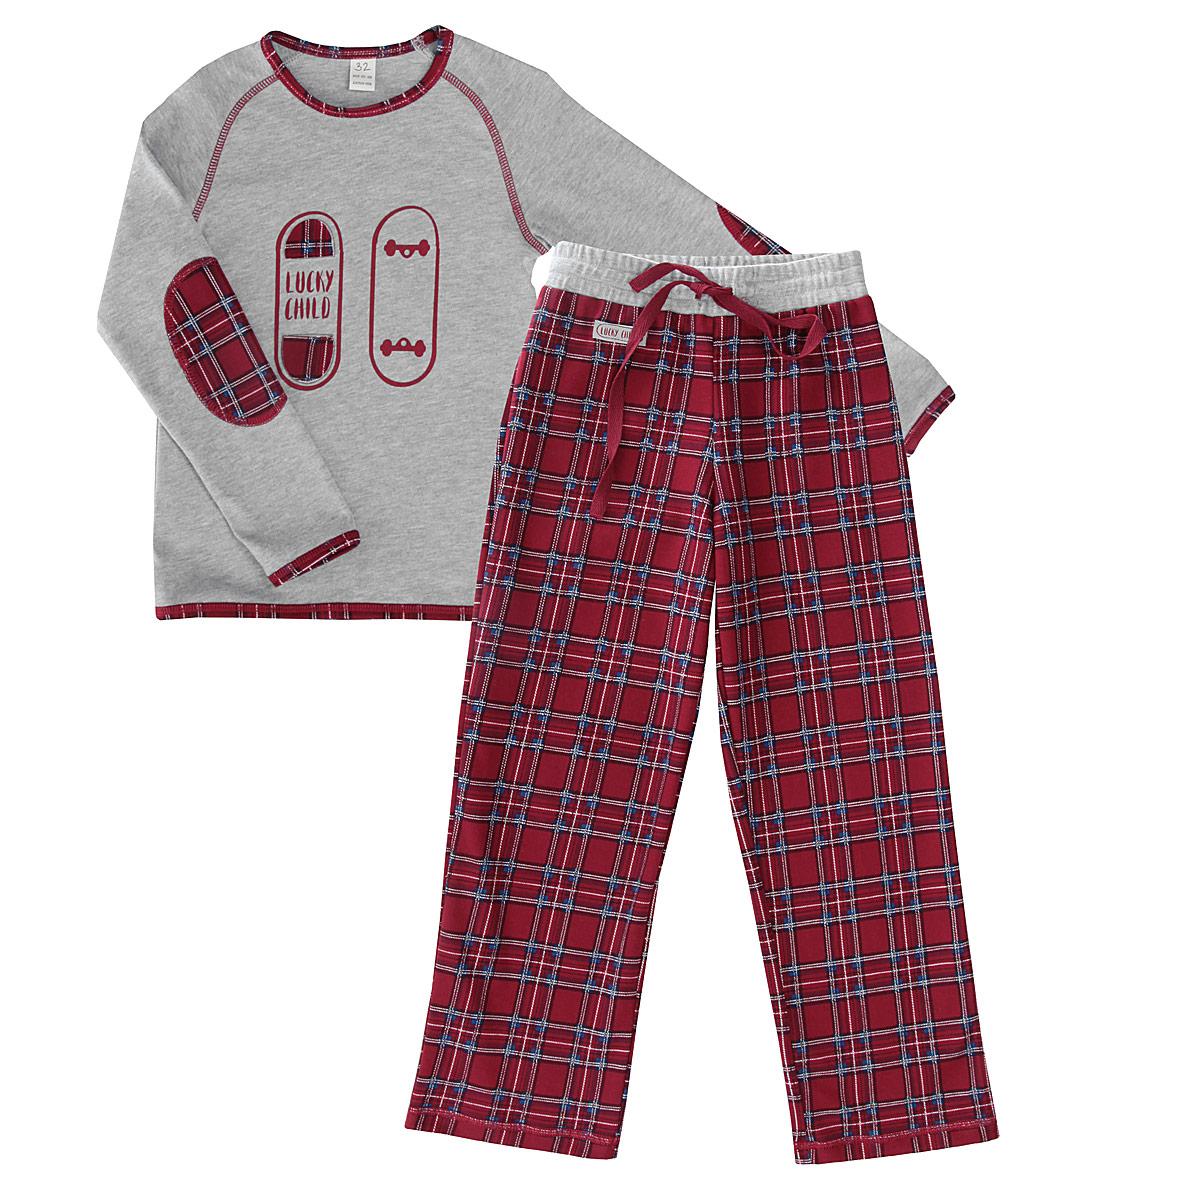 Пижама13-400Очаровательная пижама для мальчика Lucky Child, состоящая из джемпера и брюк, идеально подойдет вашему ребенку и станет отличным дополнением к детскому гардеробу. Изготовленная из натурального хлопка, она необычайно мягкая и приятная на ощупь, не раздражает нежную кожу ребенка и хорошо вентилируется, а эластичные швы приятны телу и не препятствуют движениям. Джемпер с длинными рукавами-реглан и круглым вырезом горловины оформлена принтом и аппликацией в виде скейтборда, а также контрастной строчкой. Вырез горловины, края рукавов и низ изделия дополнены трикотажной бейкой контрастного цвета. Рукава оформлены декоративными заплатами с принтом в клетку. Брюки на талии имеют широкую эластичную резинку, регулируемую шнурком, благодаря чему, они не сдавливают живот и не сползают. Оформлено изделие принтом в клетку и декорировано небольшой нашивкой с называнием бренда. Такая пижама идеально подойдет вашему ребенку, а мягкие полотна позволят ему комфортно чувствовать себя во...